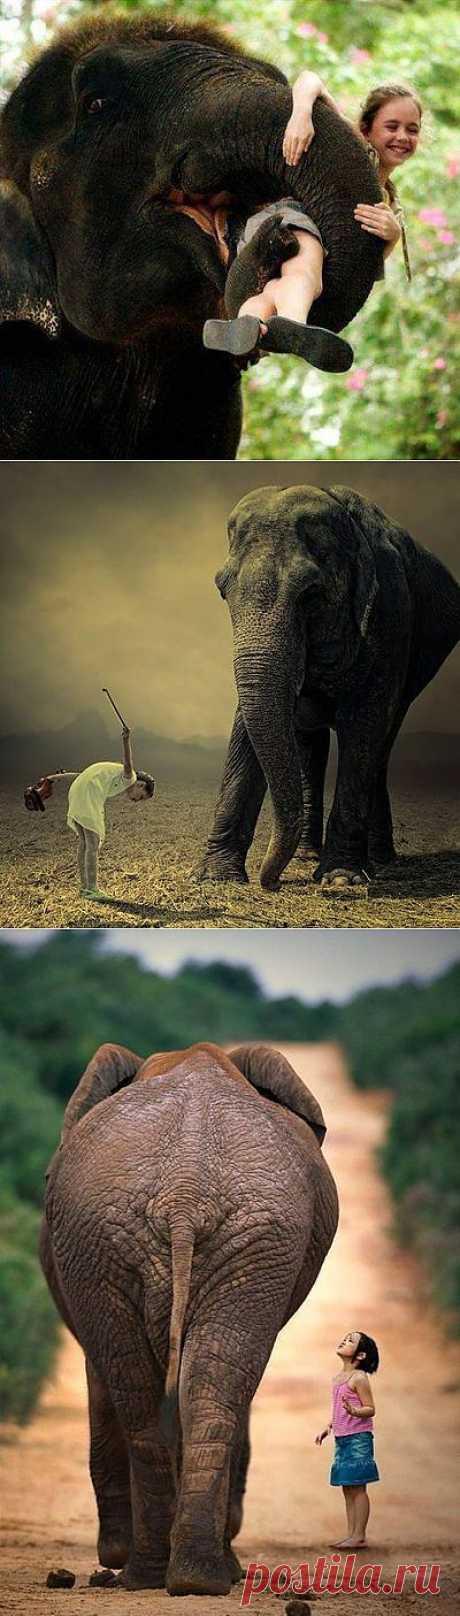 С любовью. Слоны.